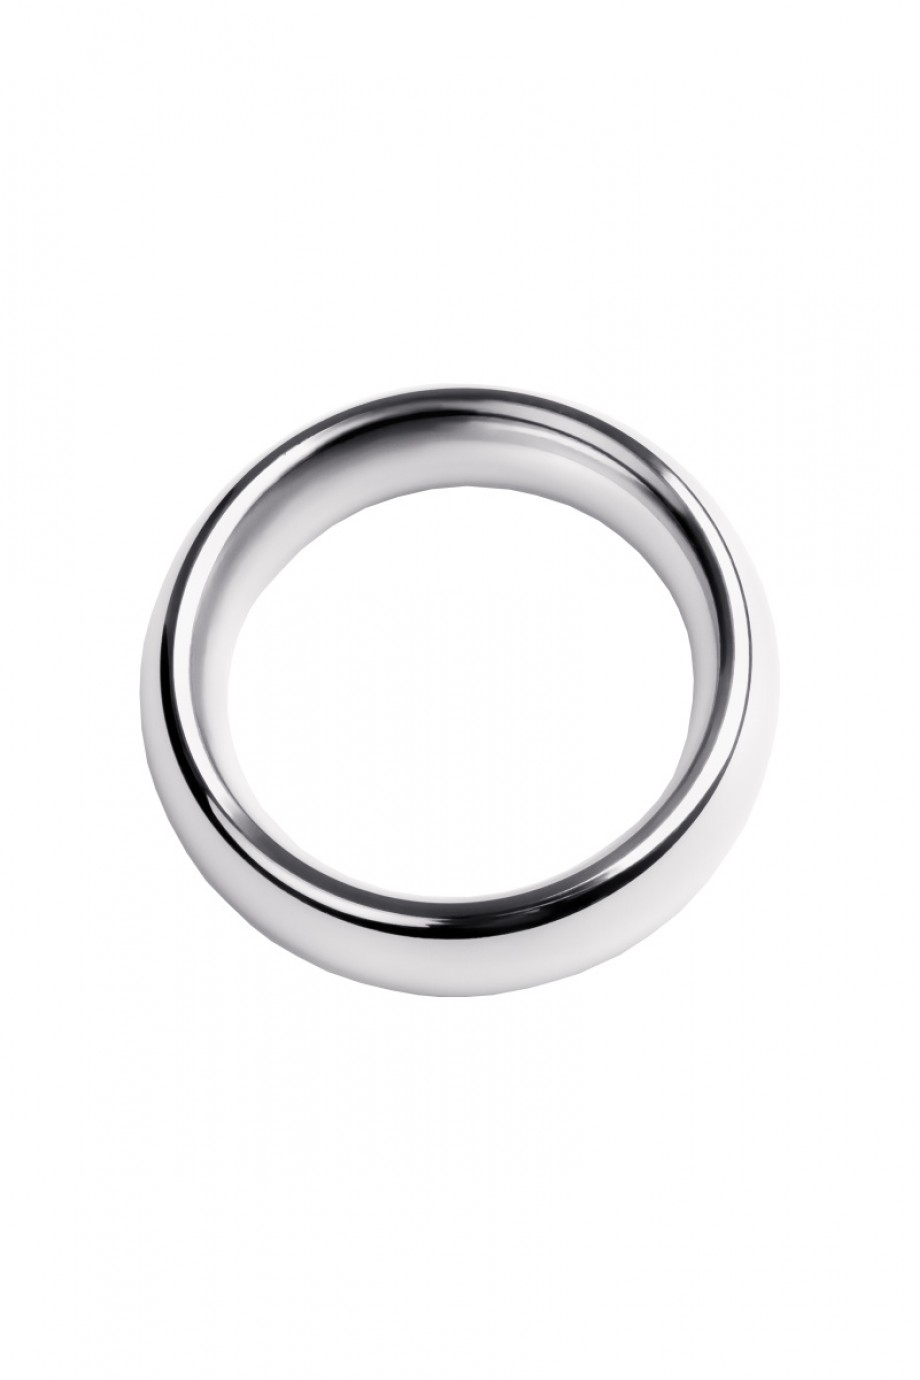 Эрекционное кольцо Metal by TOYFA, Ø5 см